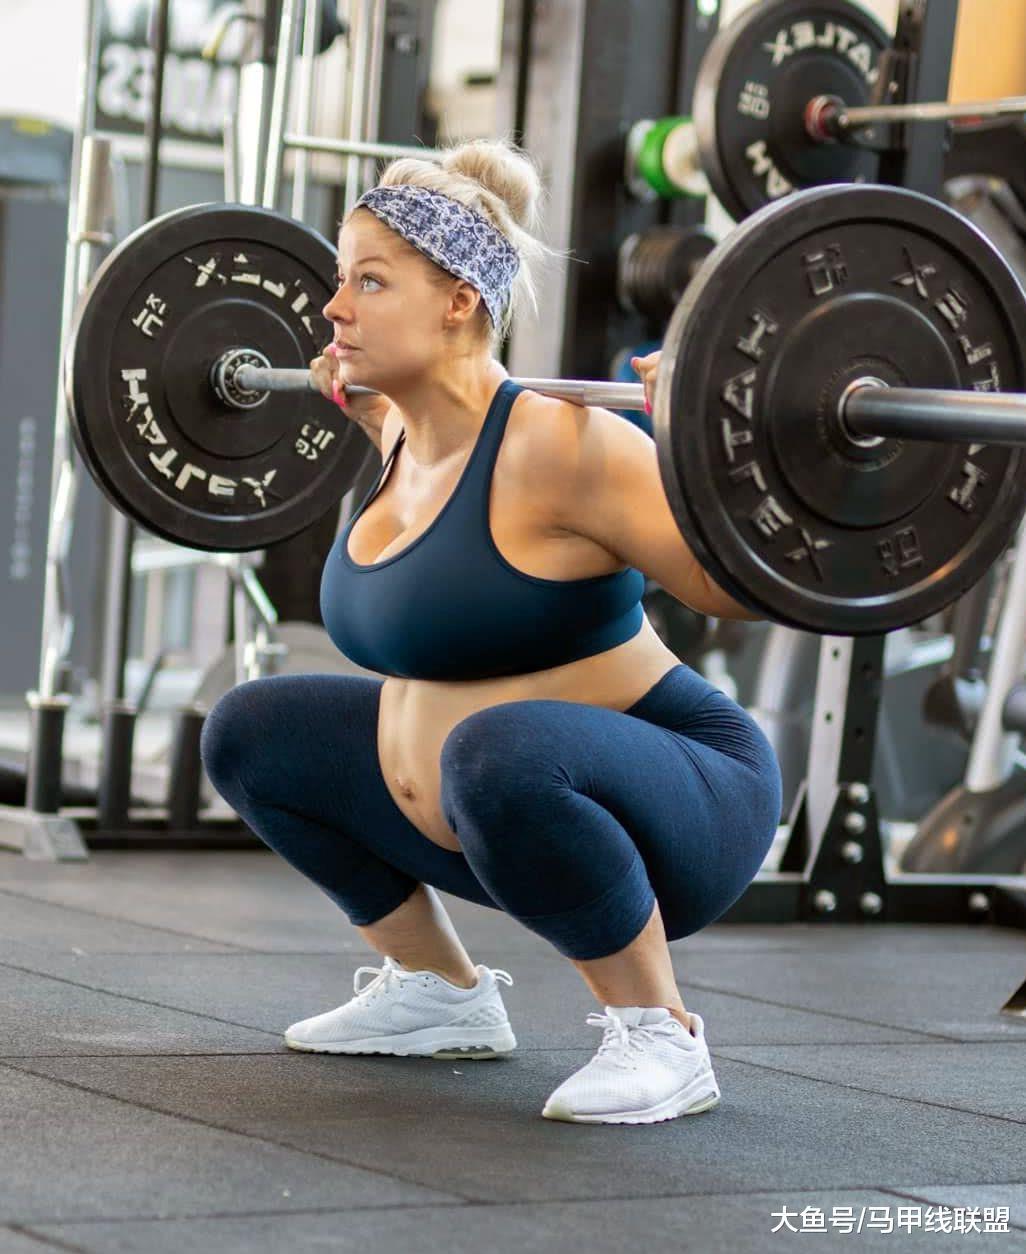 30岁健身女王身材高大壮实, 怀孕7个月还做举重深蹲训练!